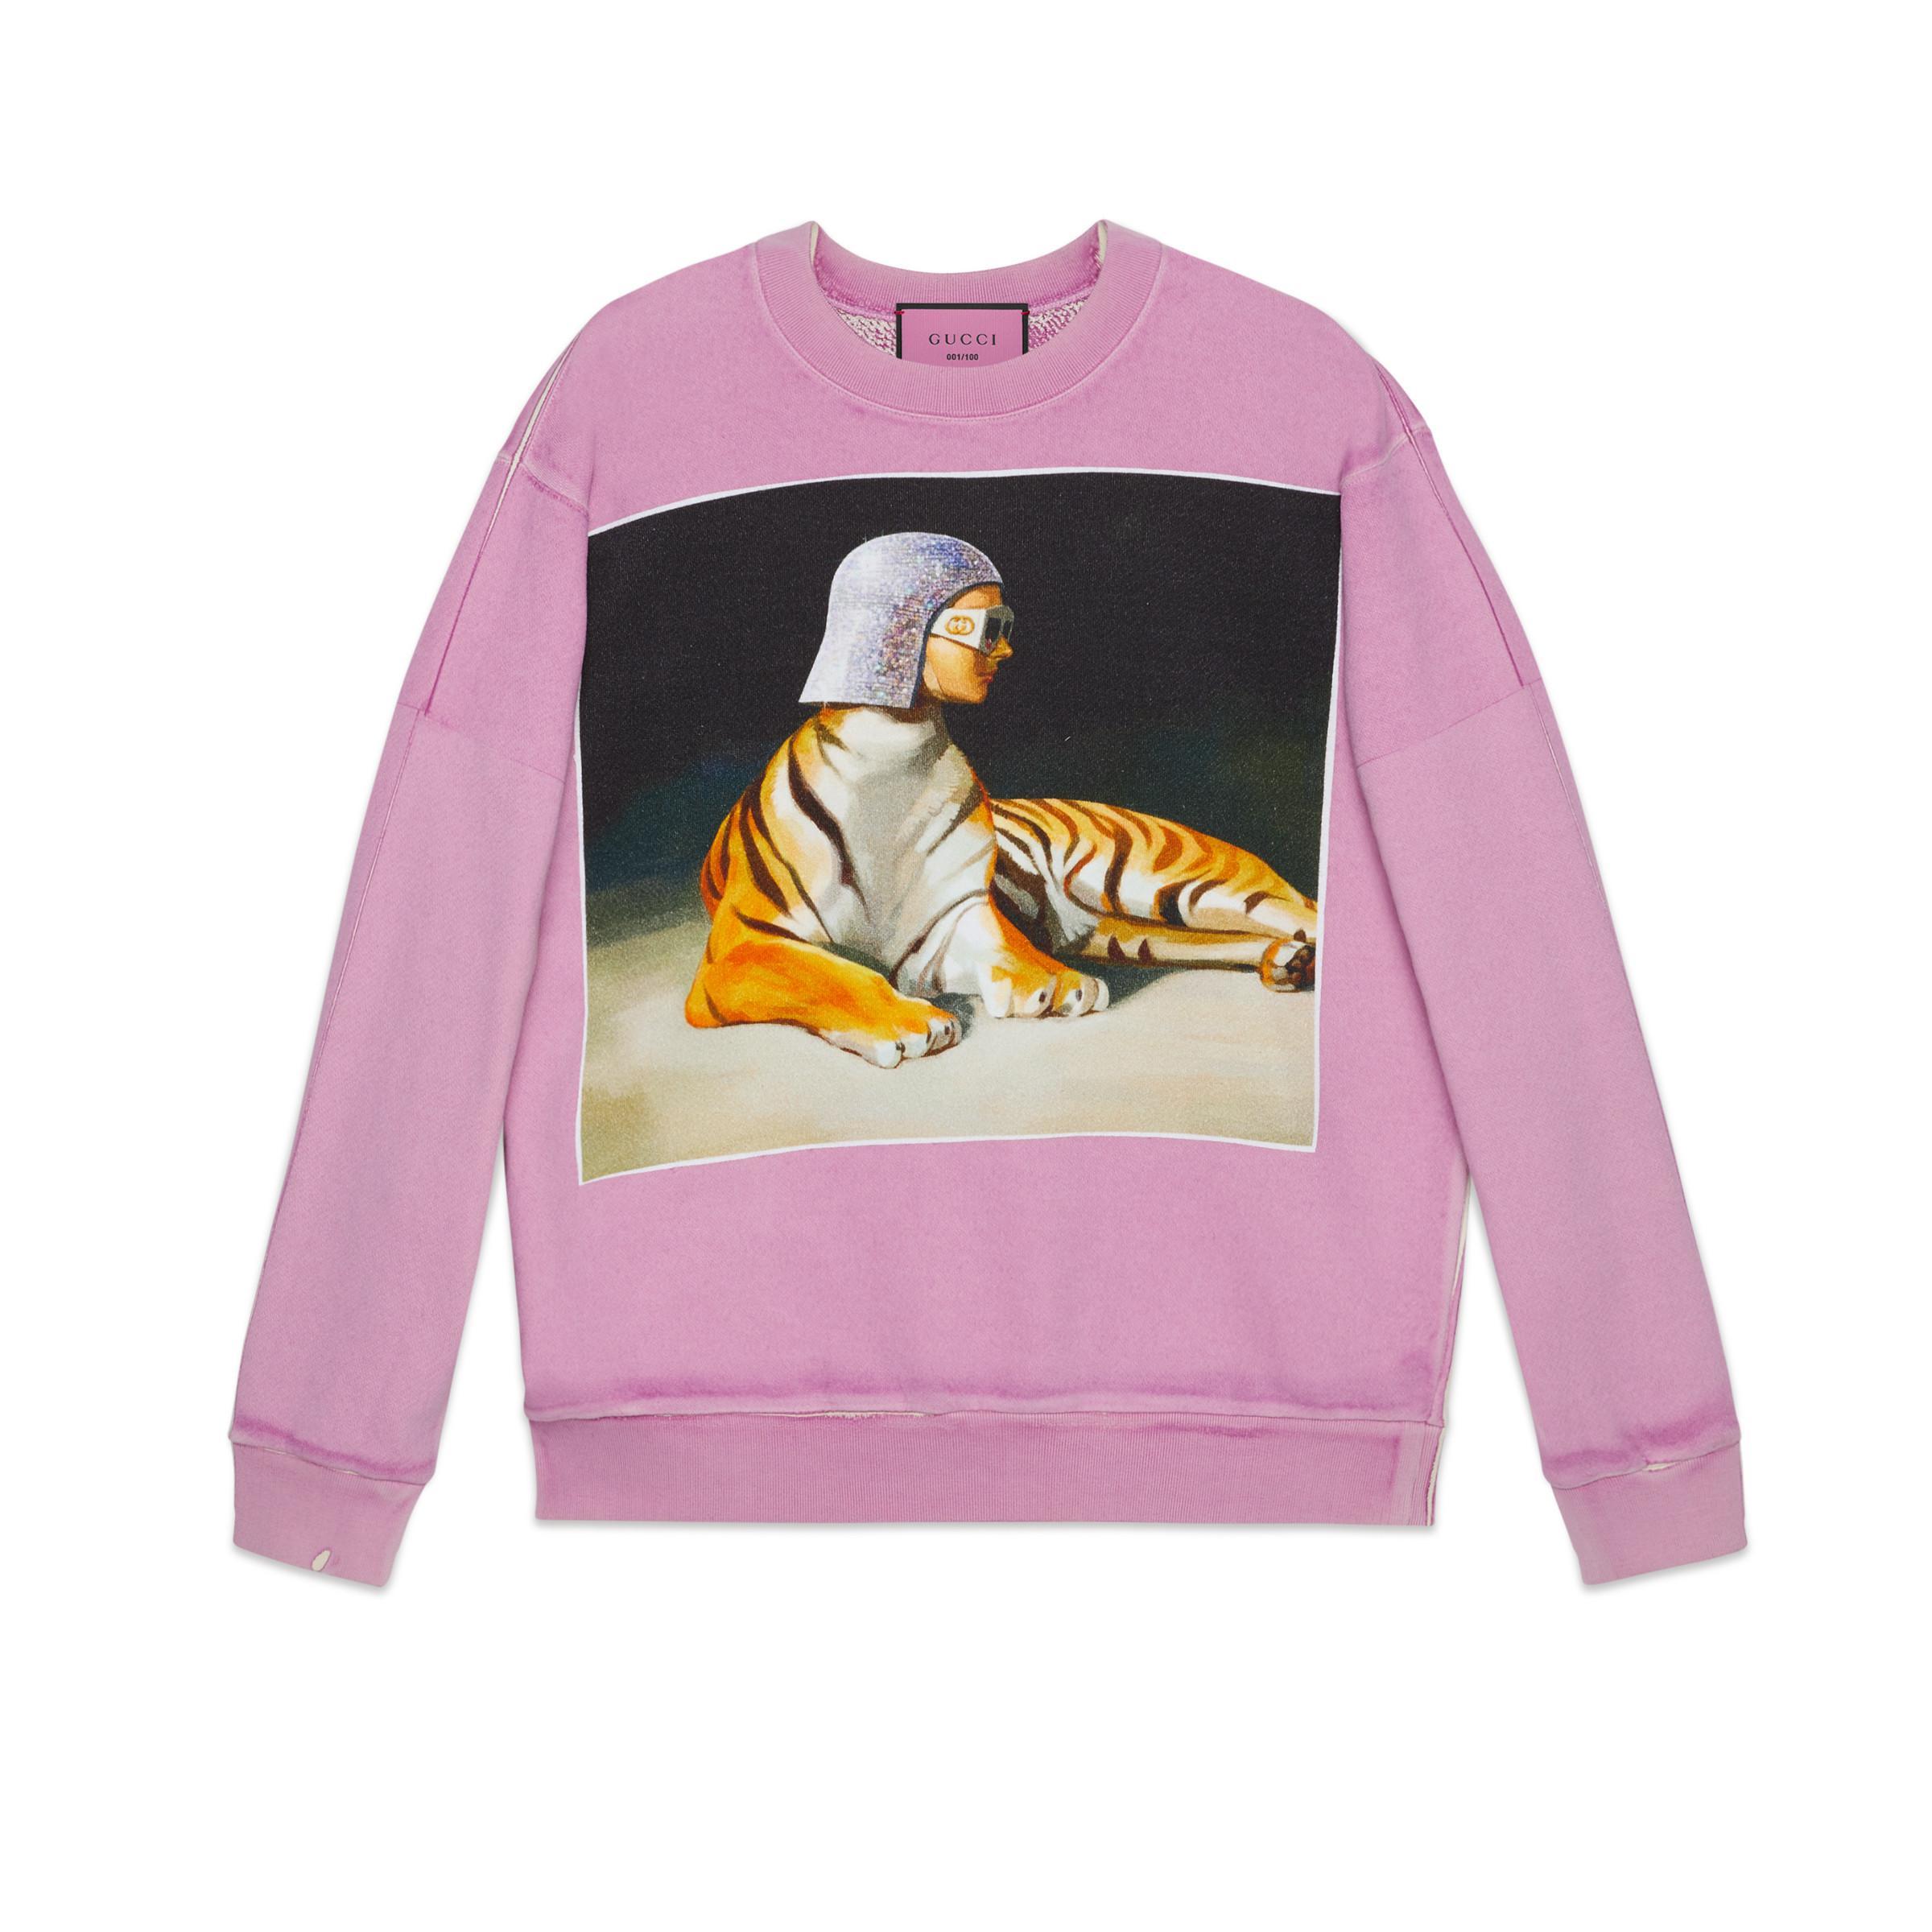 Gucci Oversize #hallucination Sweatshirt in Pink - Lyst